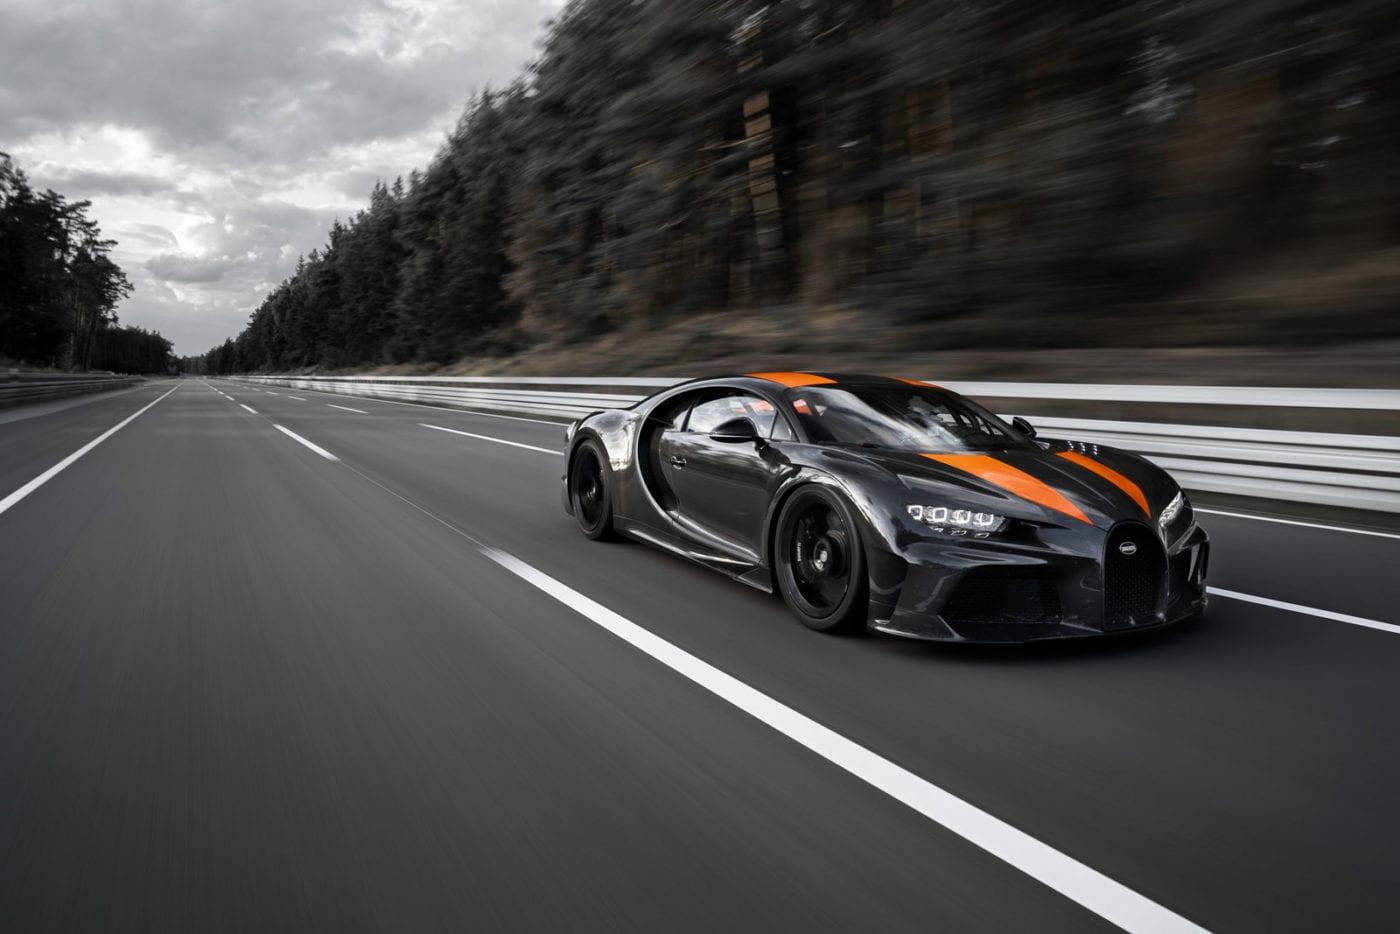 Top 10 Fastest Cars >> Top 10 Fastest Cars Top Speeds Autofluence Com